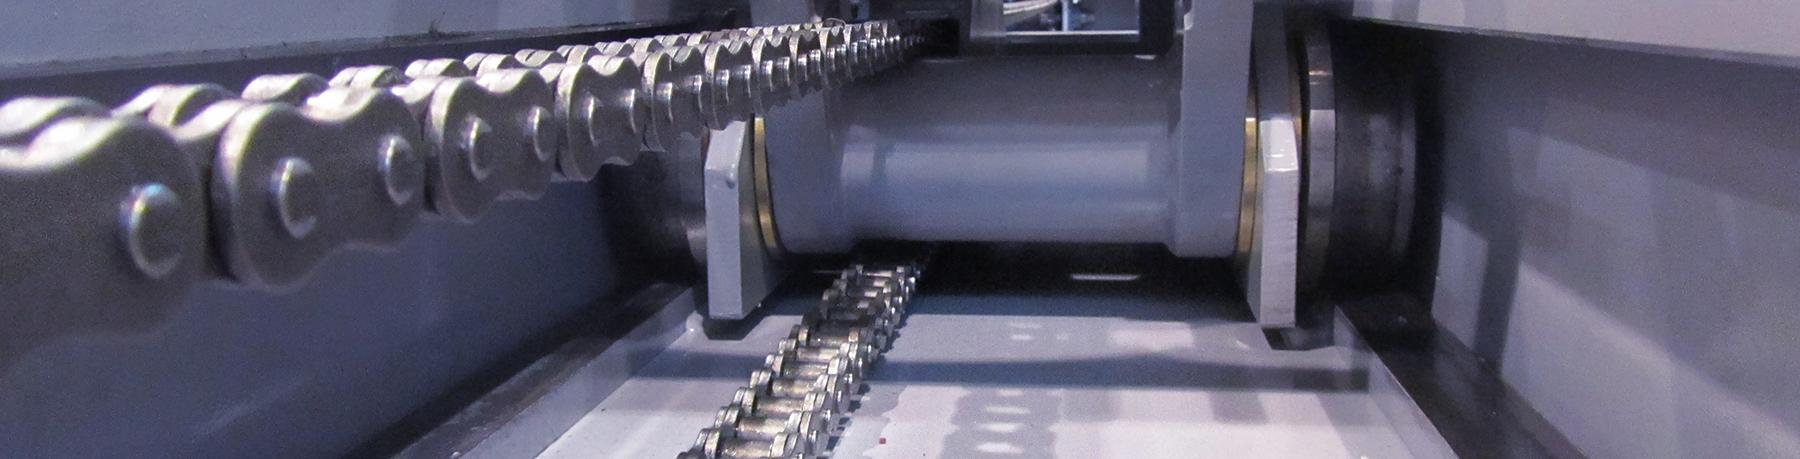 Konepajavalmistus toteuttaa levyrakenteisia, hitsattuja koneen runkoja sekä yksittäisiä koneenosia ja komponentteja, kaikkiin teollisuuden tarpeisiin.